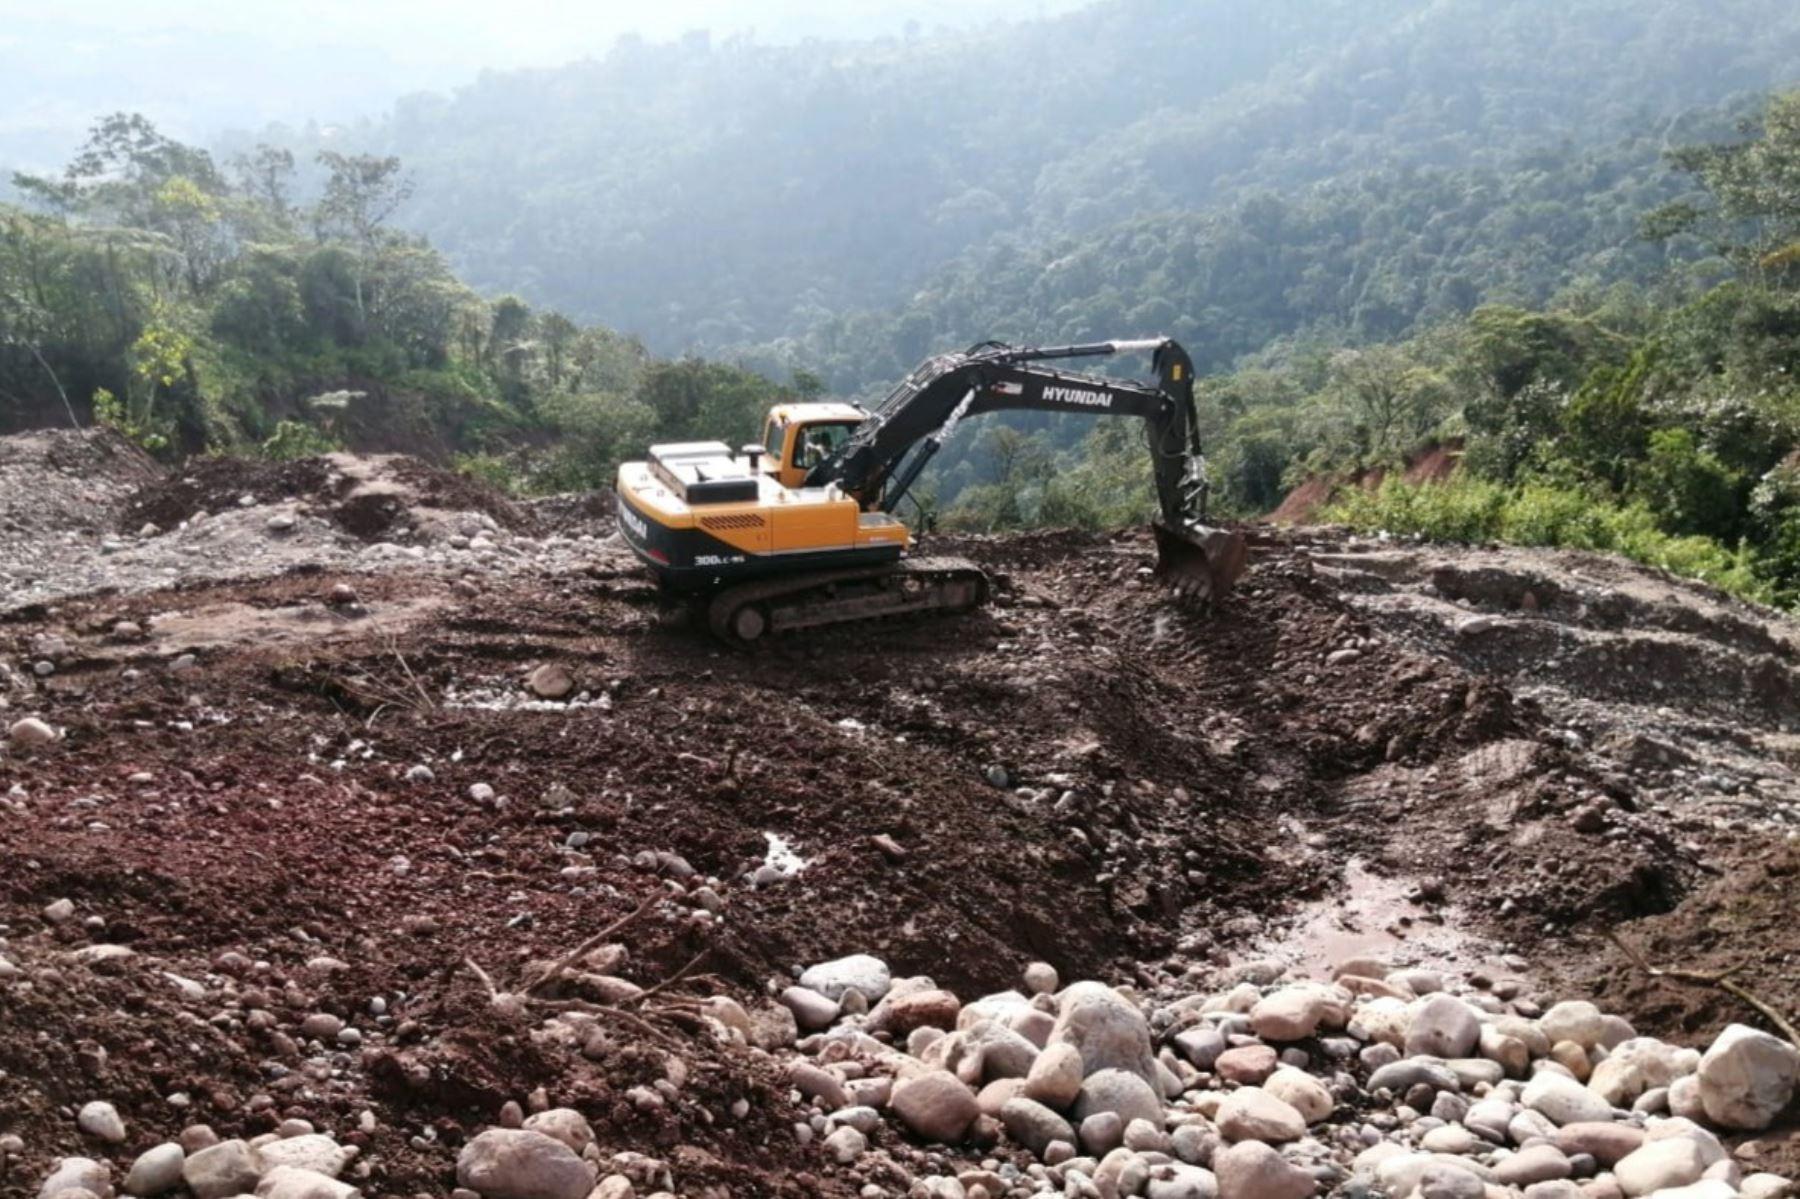 El Ejecutivo declaró el estado de emergencia por desastre a consecuencia de intensas lluvias en varios distritos de algunas provincias del departamento de Huánuco, para la ejecución de medidas y acciones de excepción, inmediatas y necesarias de respuesta y rehabilitación que correspondan. ANDINA/Difusión